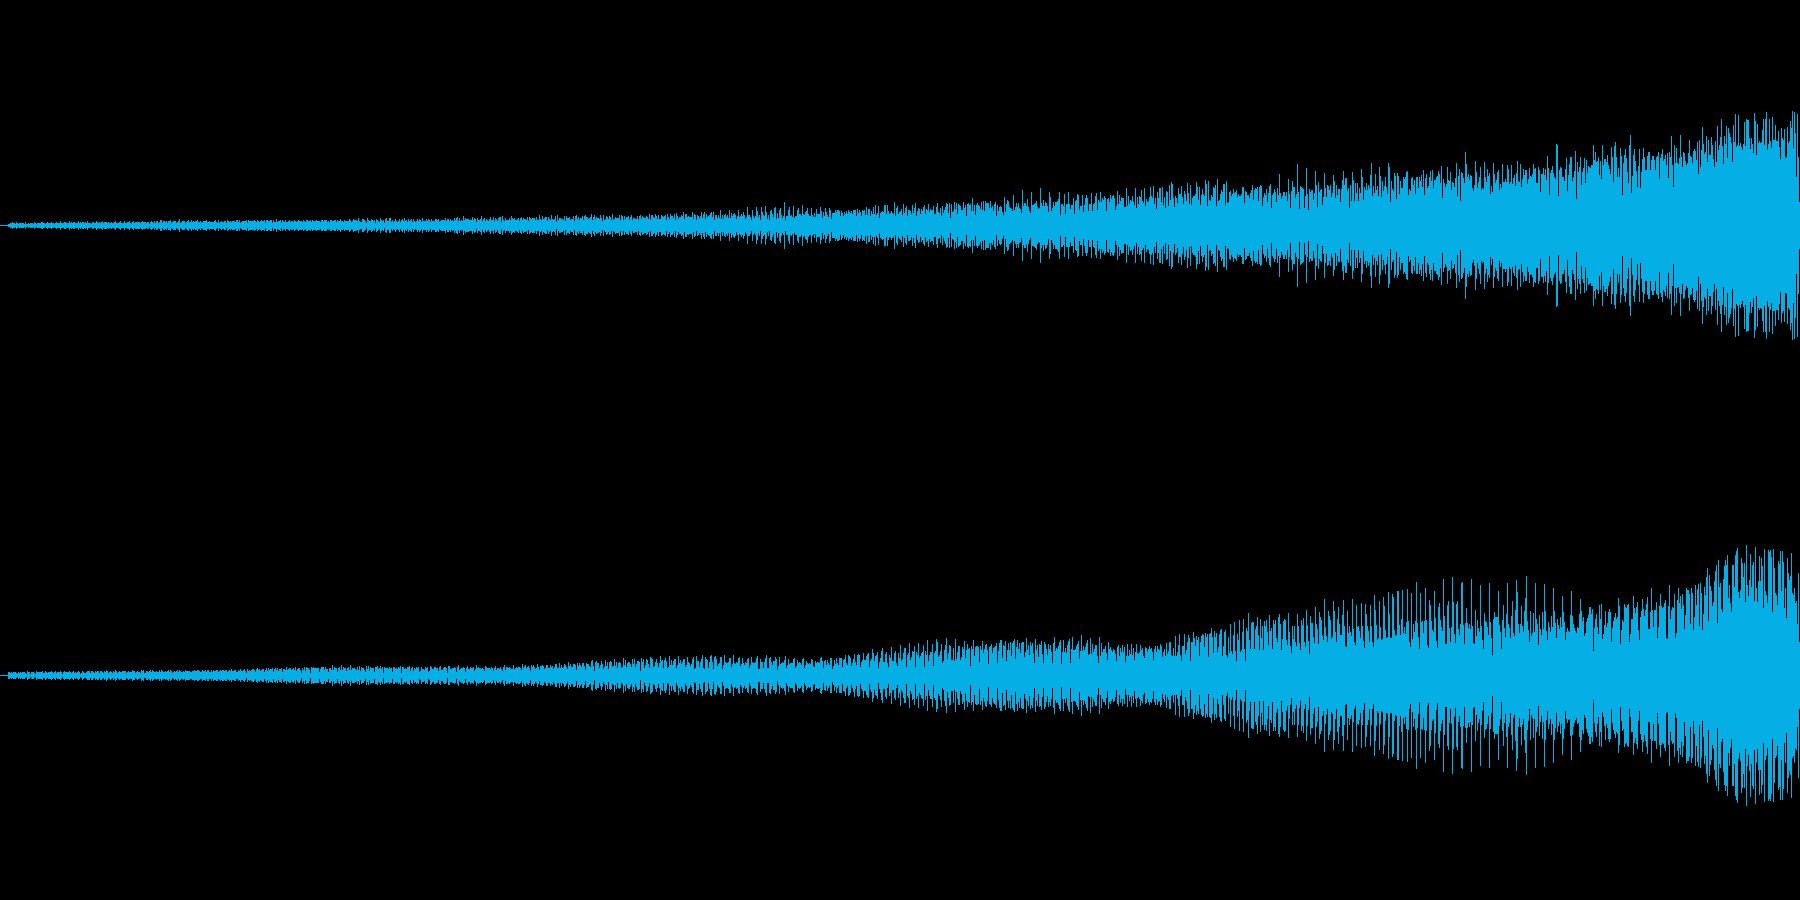 【映像転換/アイキャッチ/オープニング】の再生済みの波形